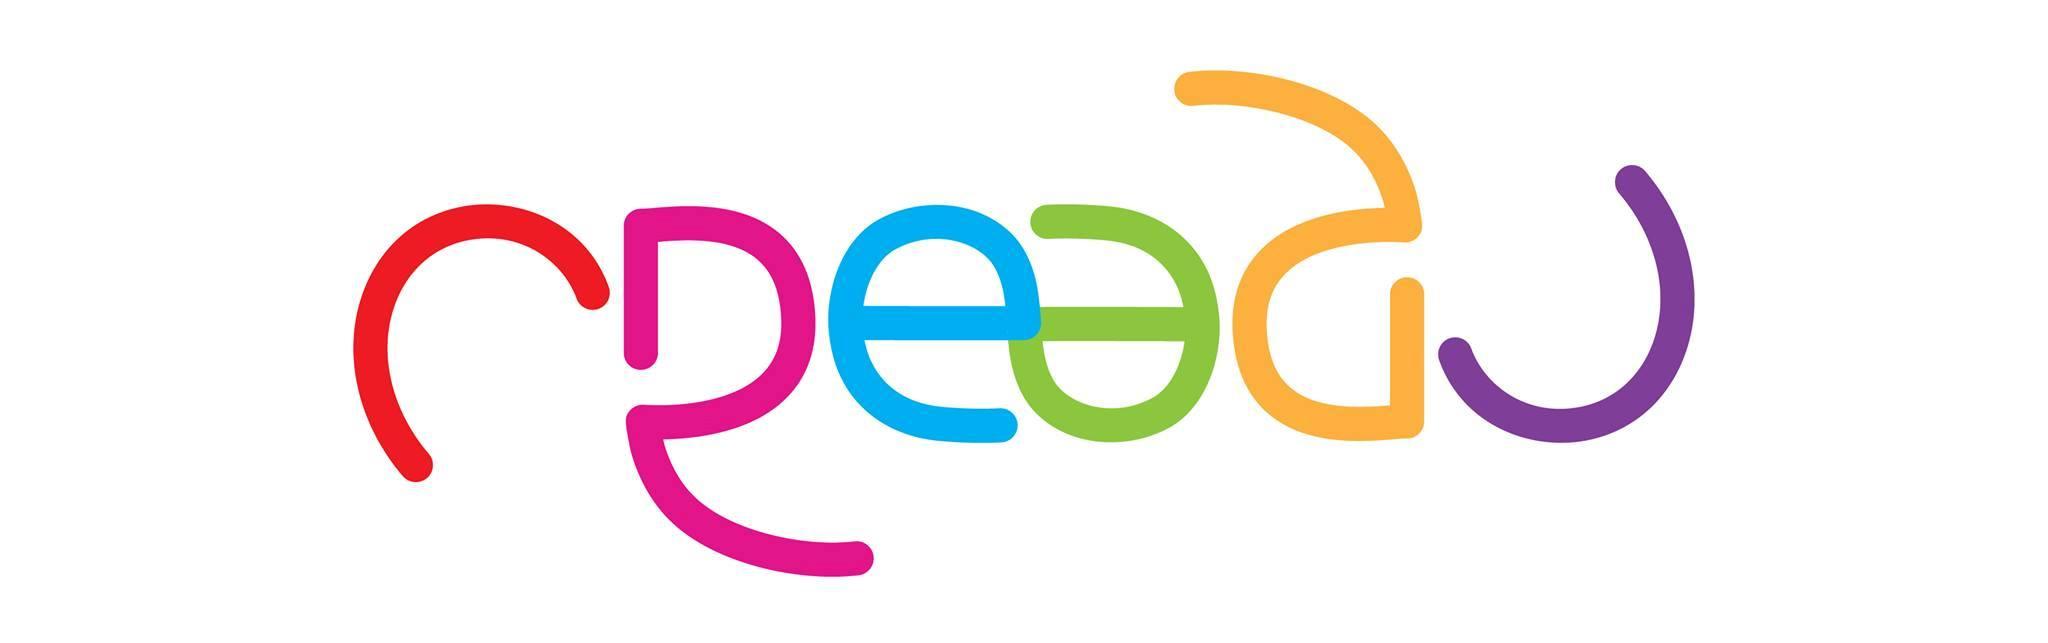 CREADU, Board Game Edukasi Kreatif yang Ramah Lingkungan!